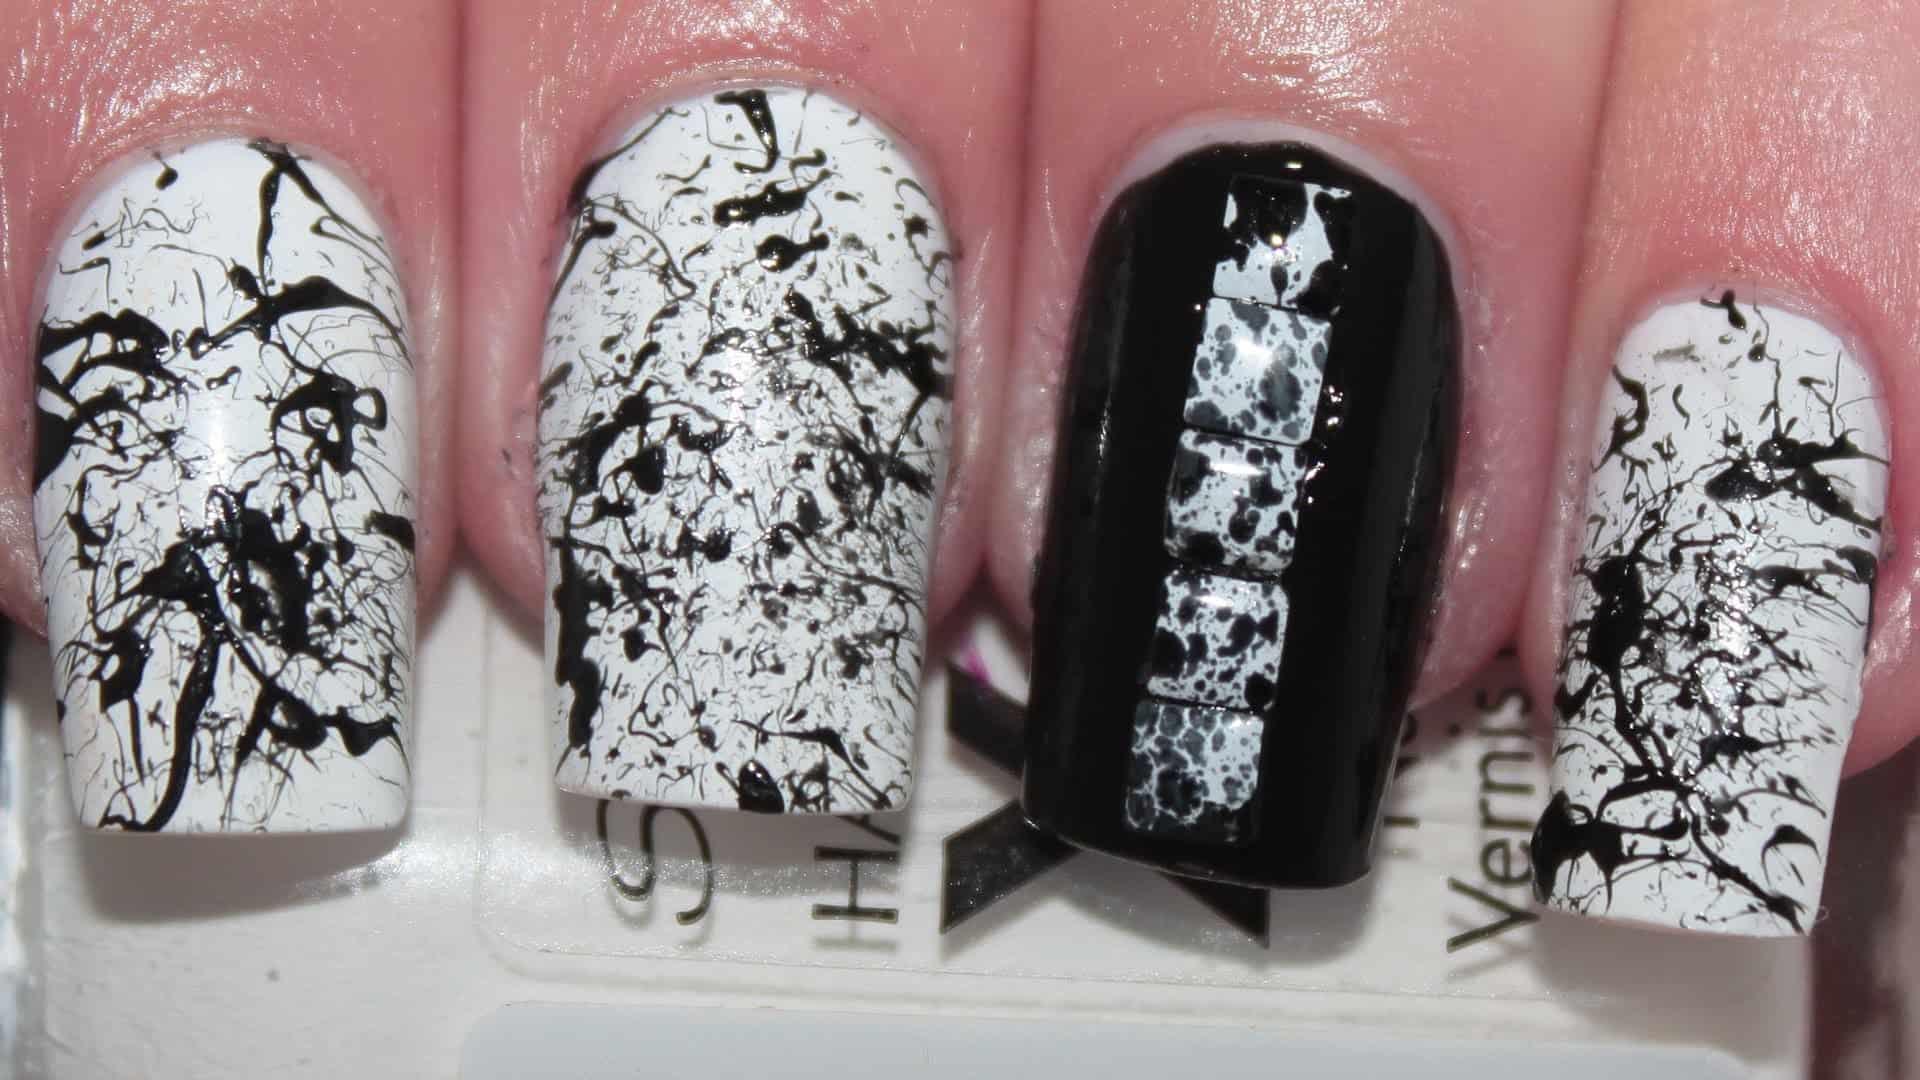 Splatter monochrome nails